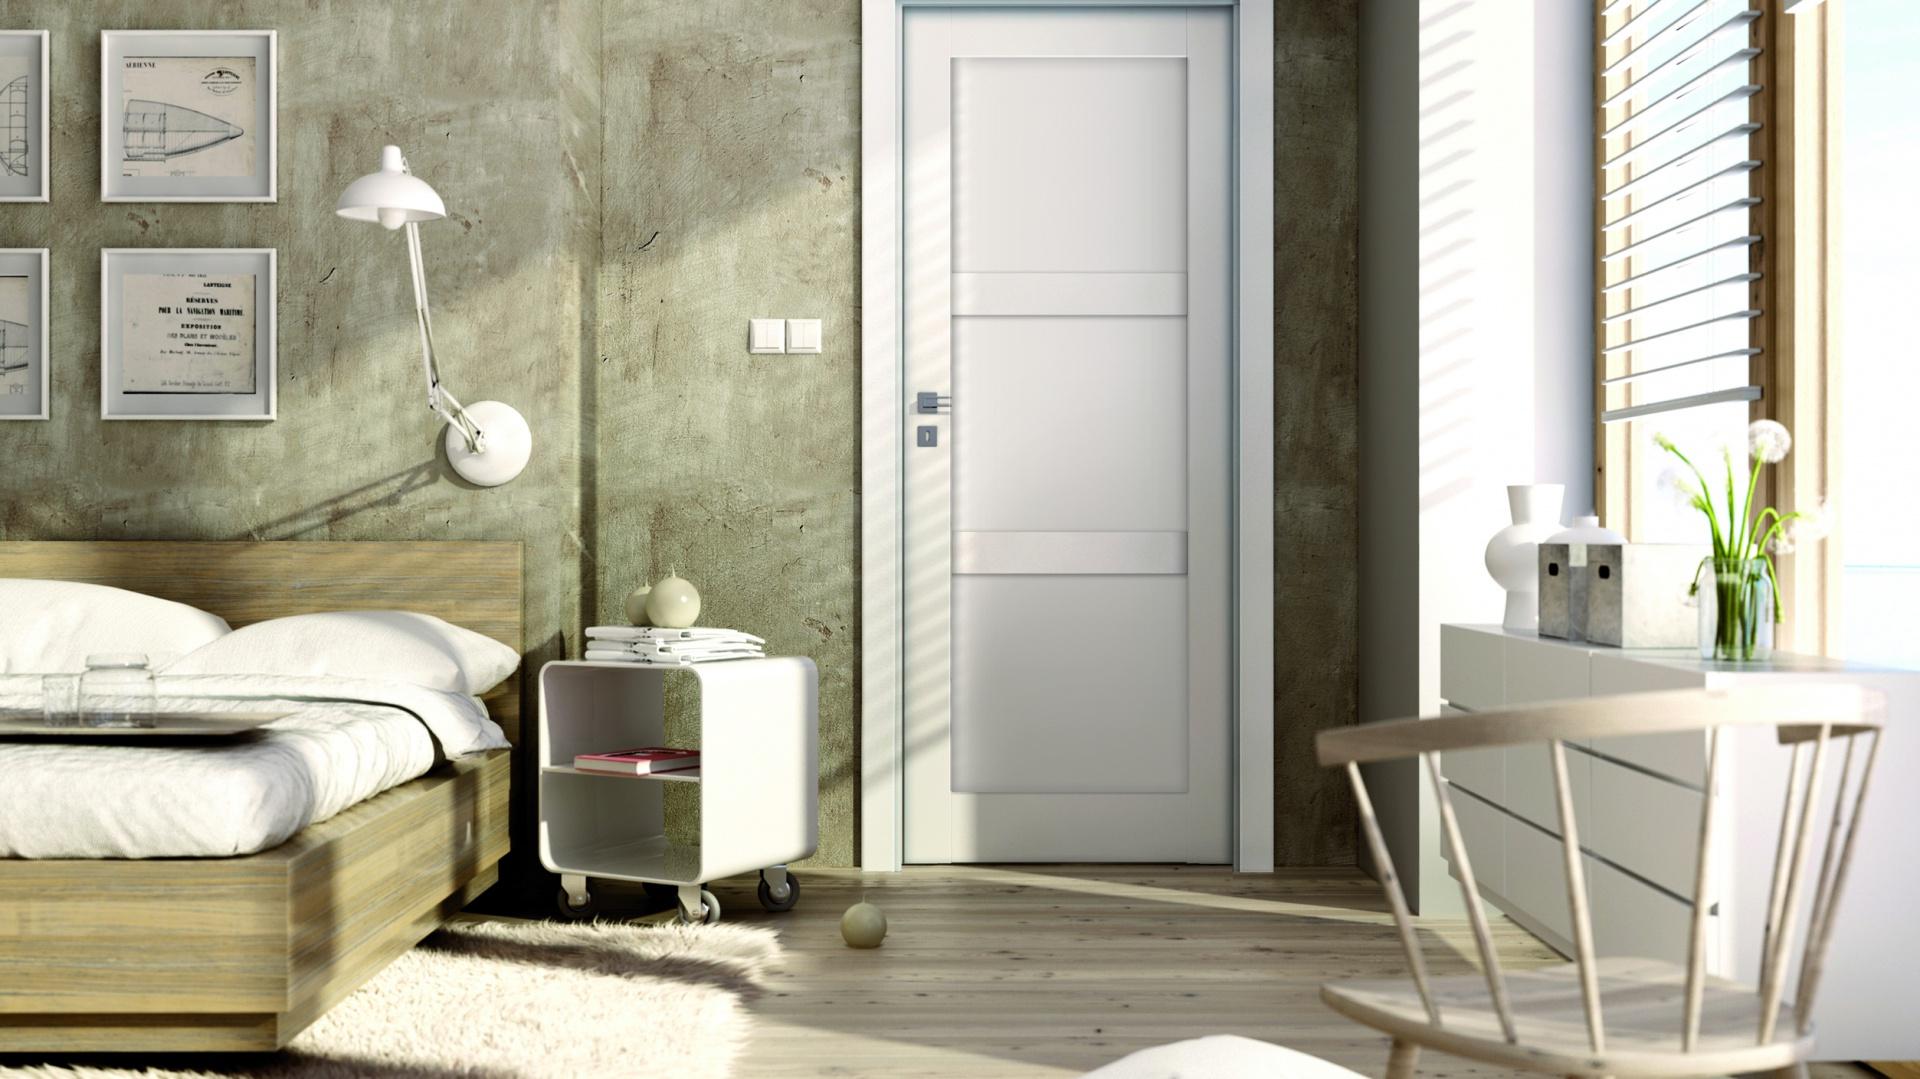 Pokój dla nastolatka: drzwi wewnętrzne Bianco Sati 1. Fot. Invado